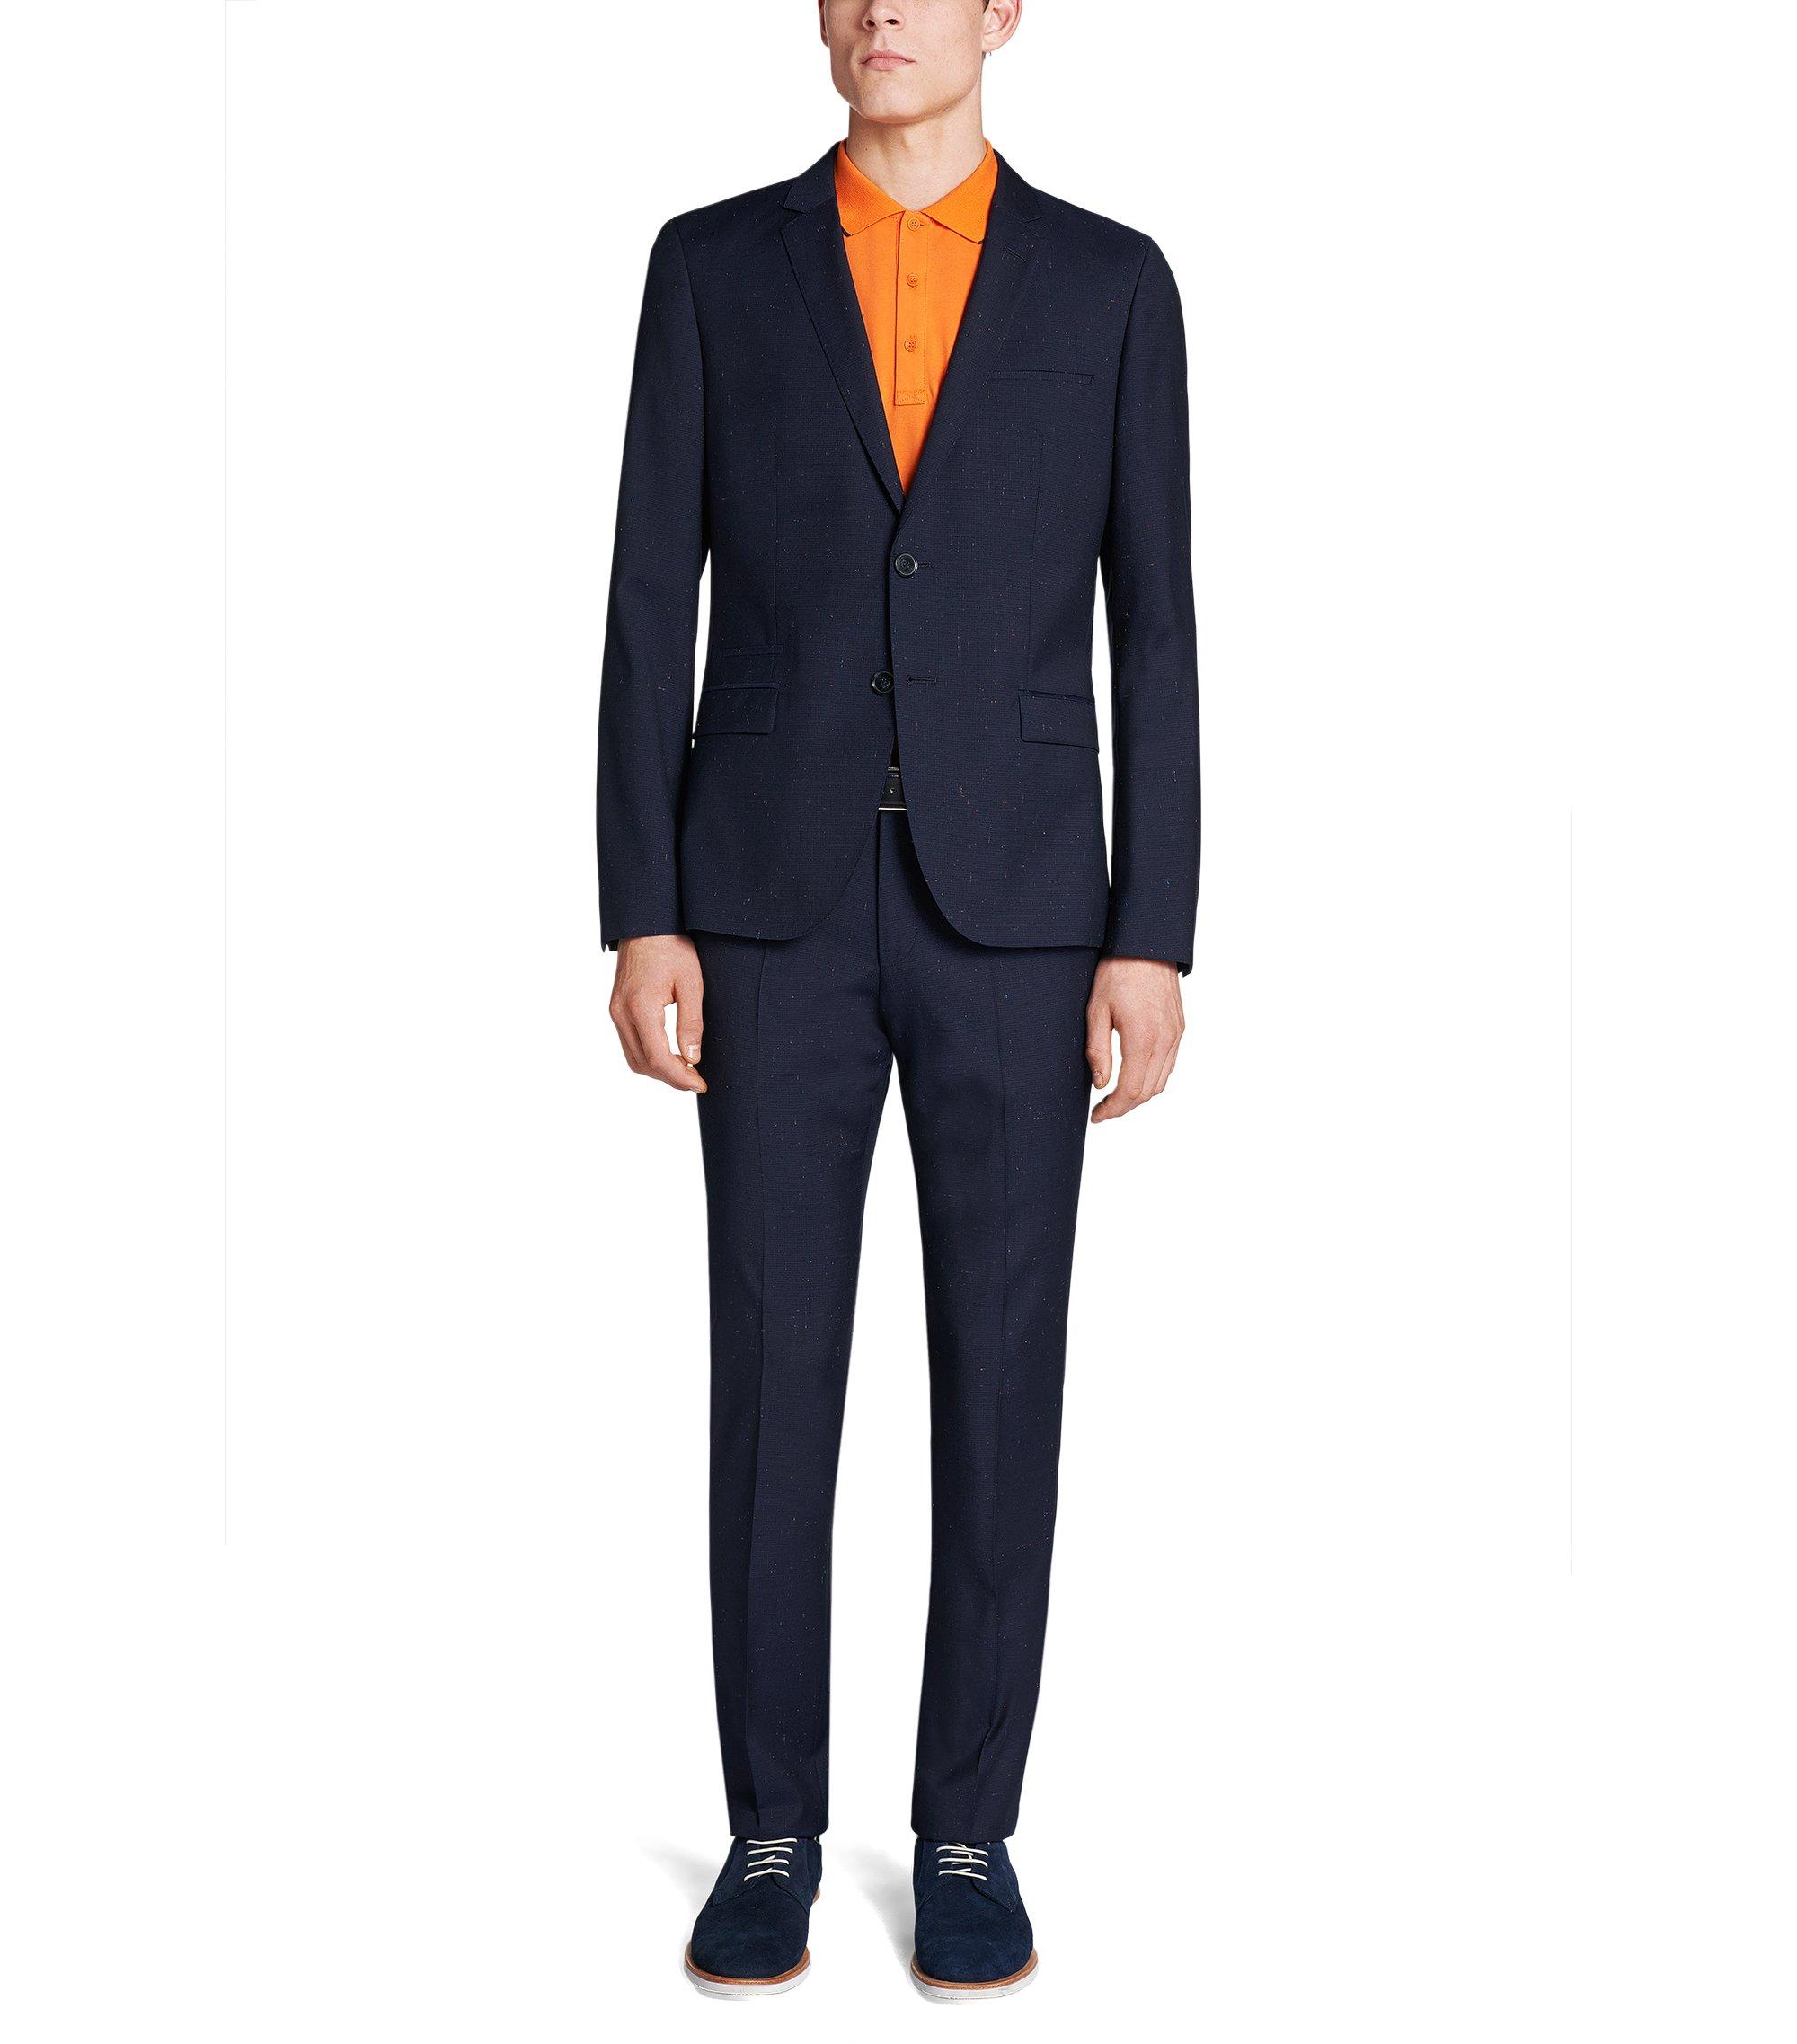 Virgin Wool Suit, Extra Slim Fit | Arti/Heibo, Dark Blue